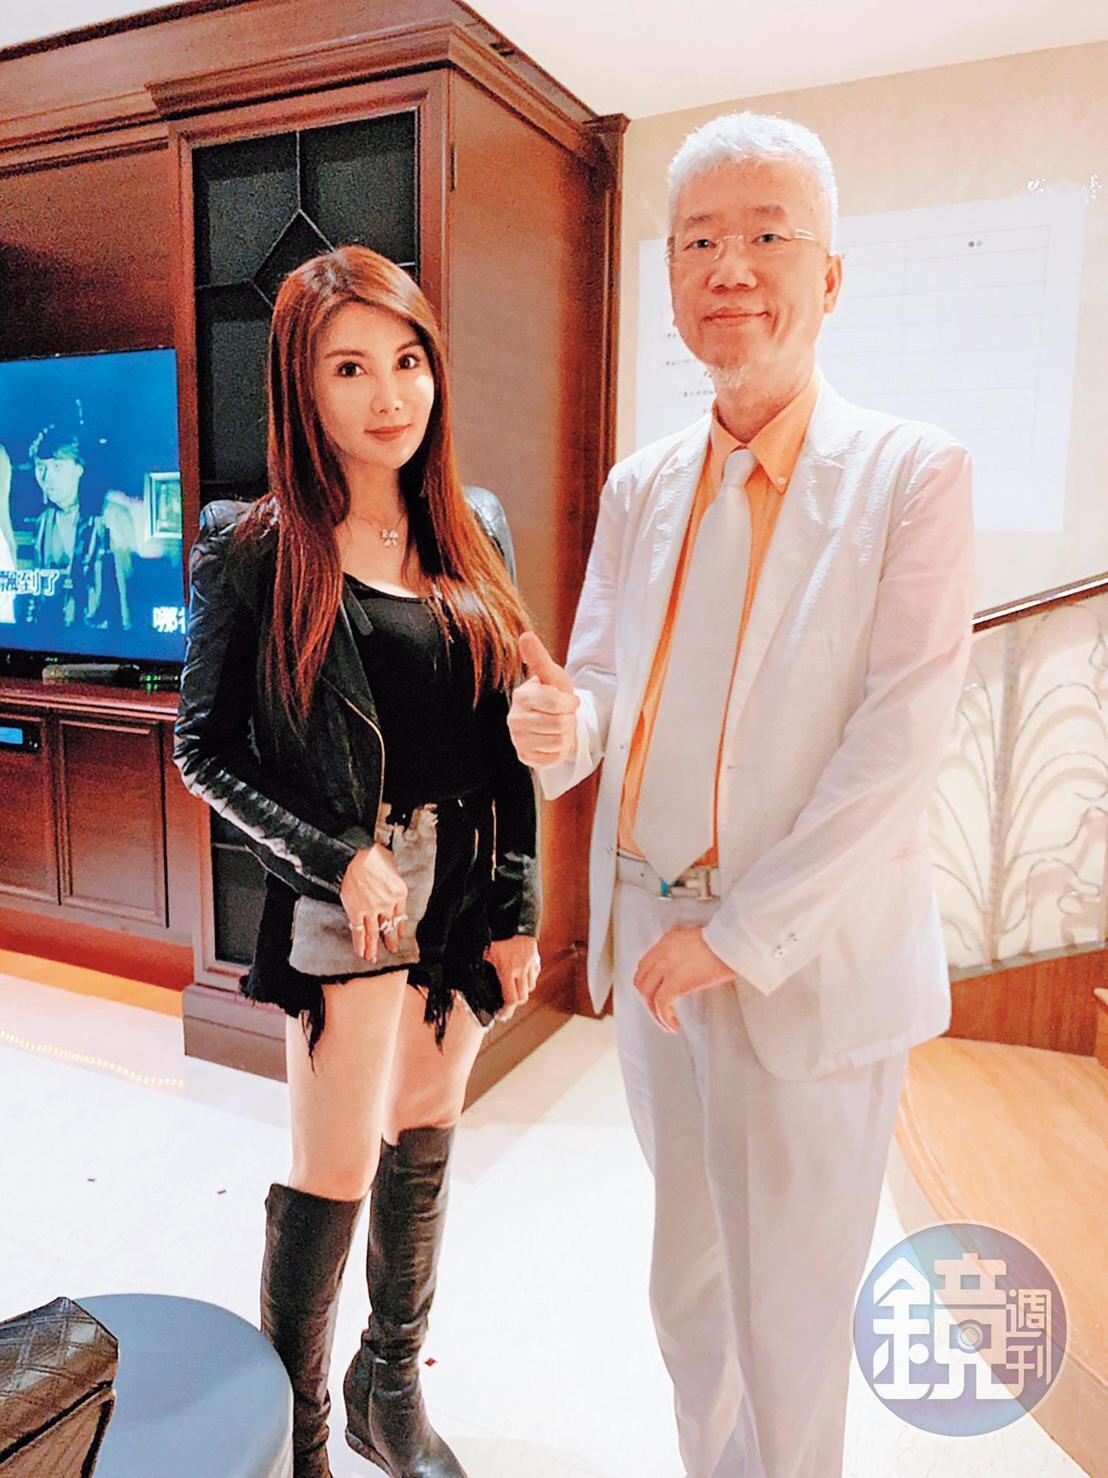 李光輝(右)的生日派對冠蓋雲集,藝人楊麗菁(左)也是座上賓。(讀者提供)